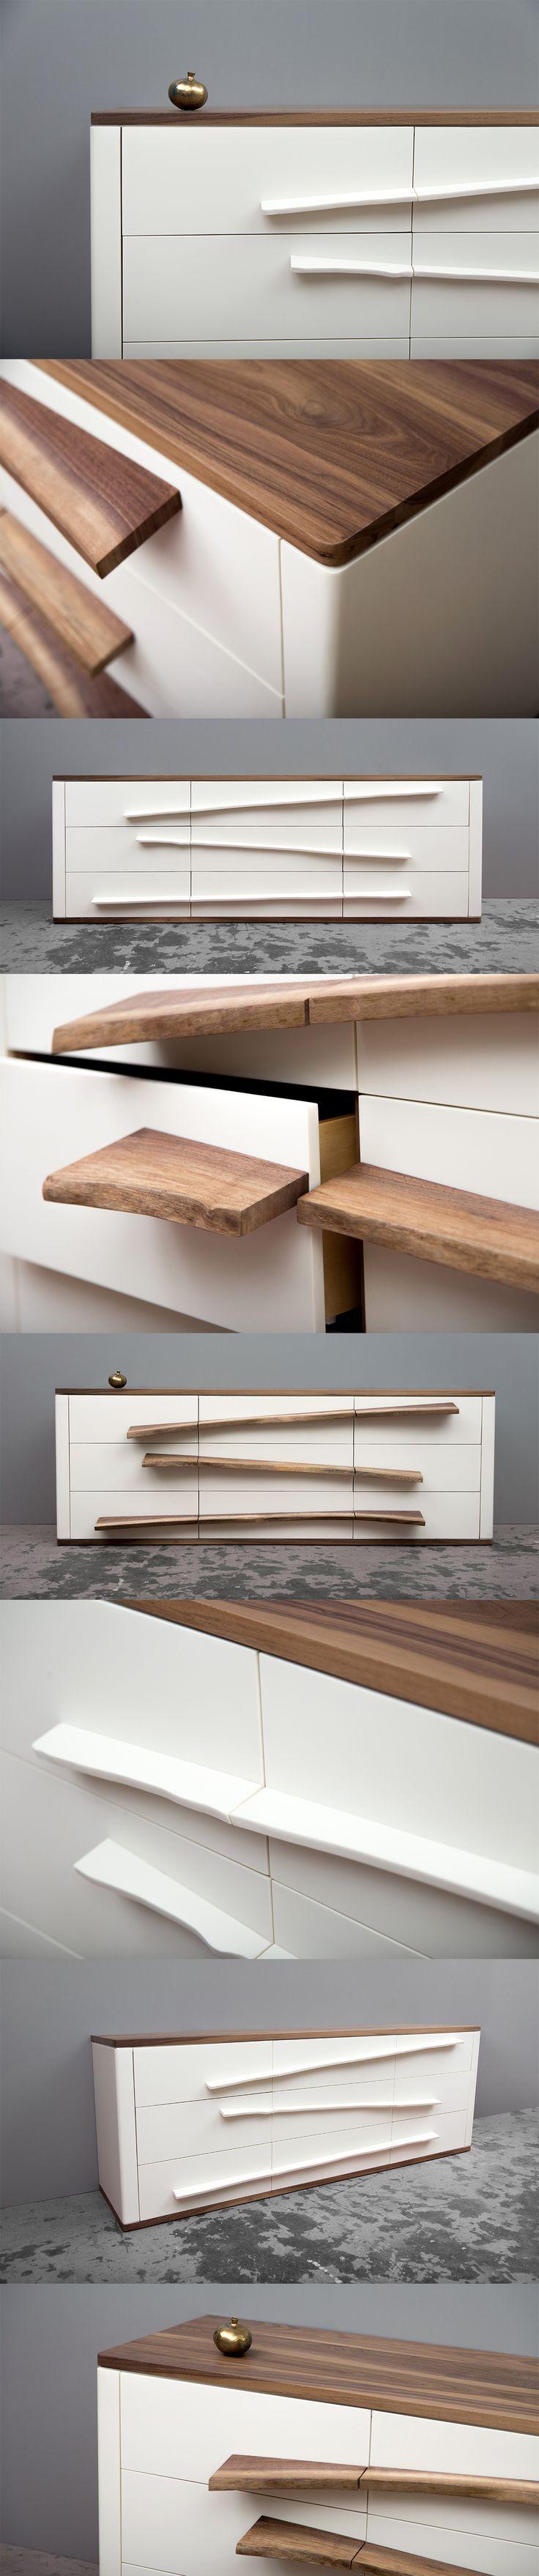 Taquillón con tiradores de cajones únicos en ángulo. Tapa y base de madera de nogal maciza. El diseño geométrico se suaviza con esquinas curvas suaves .